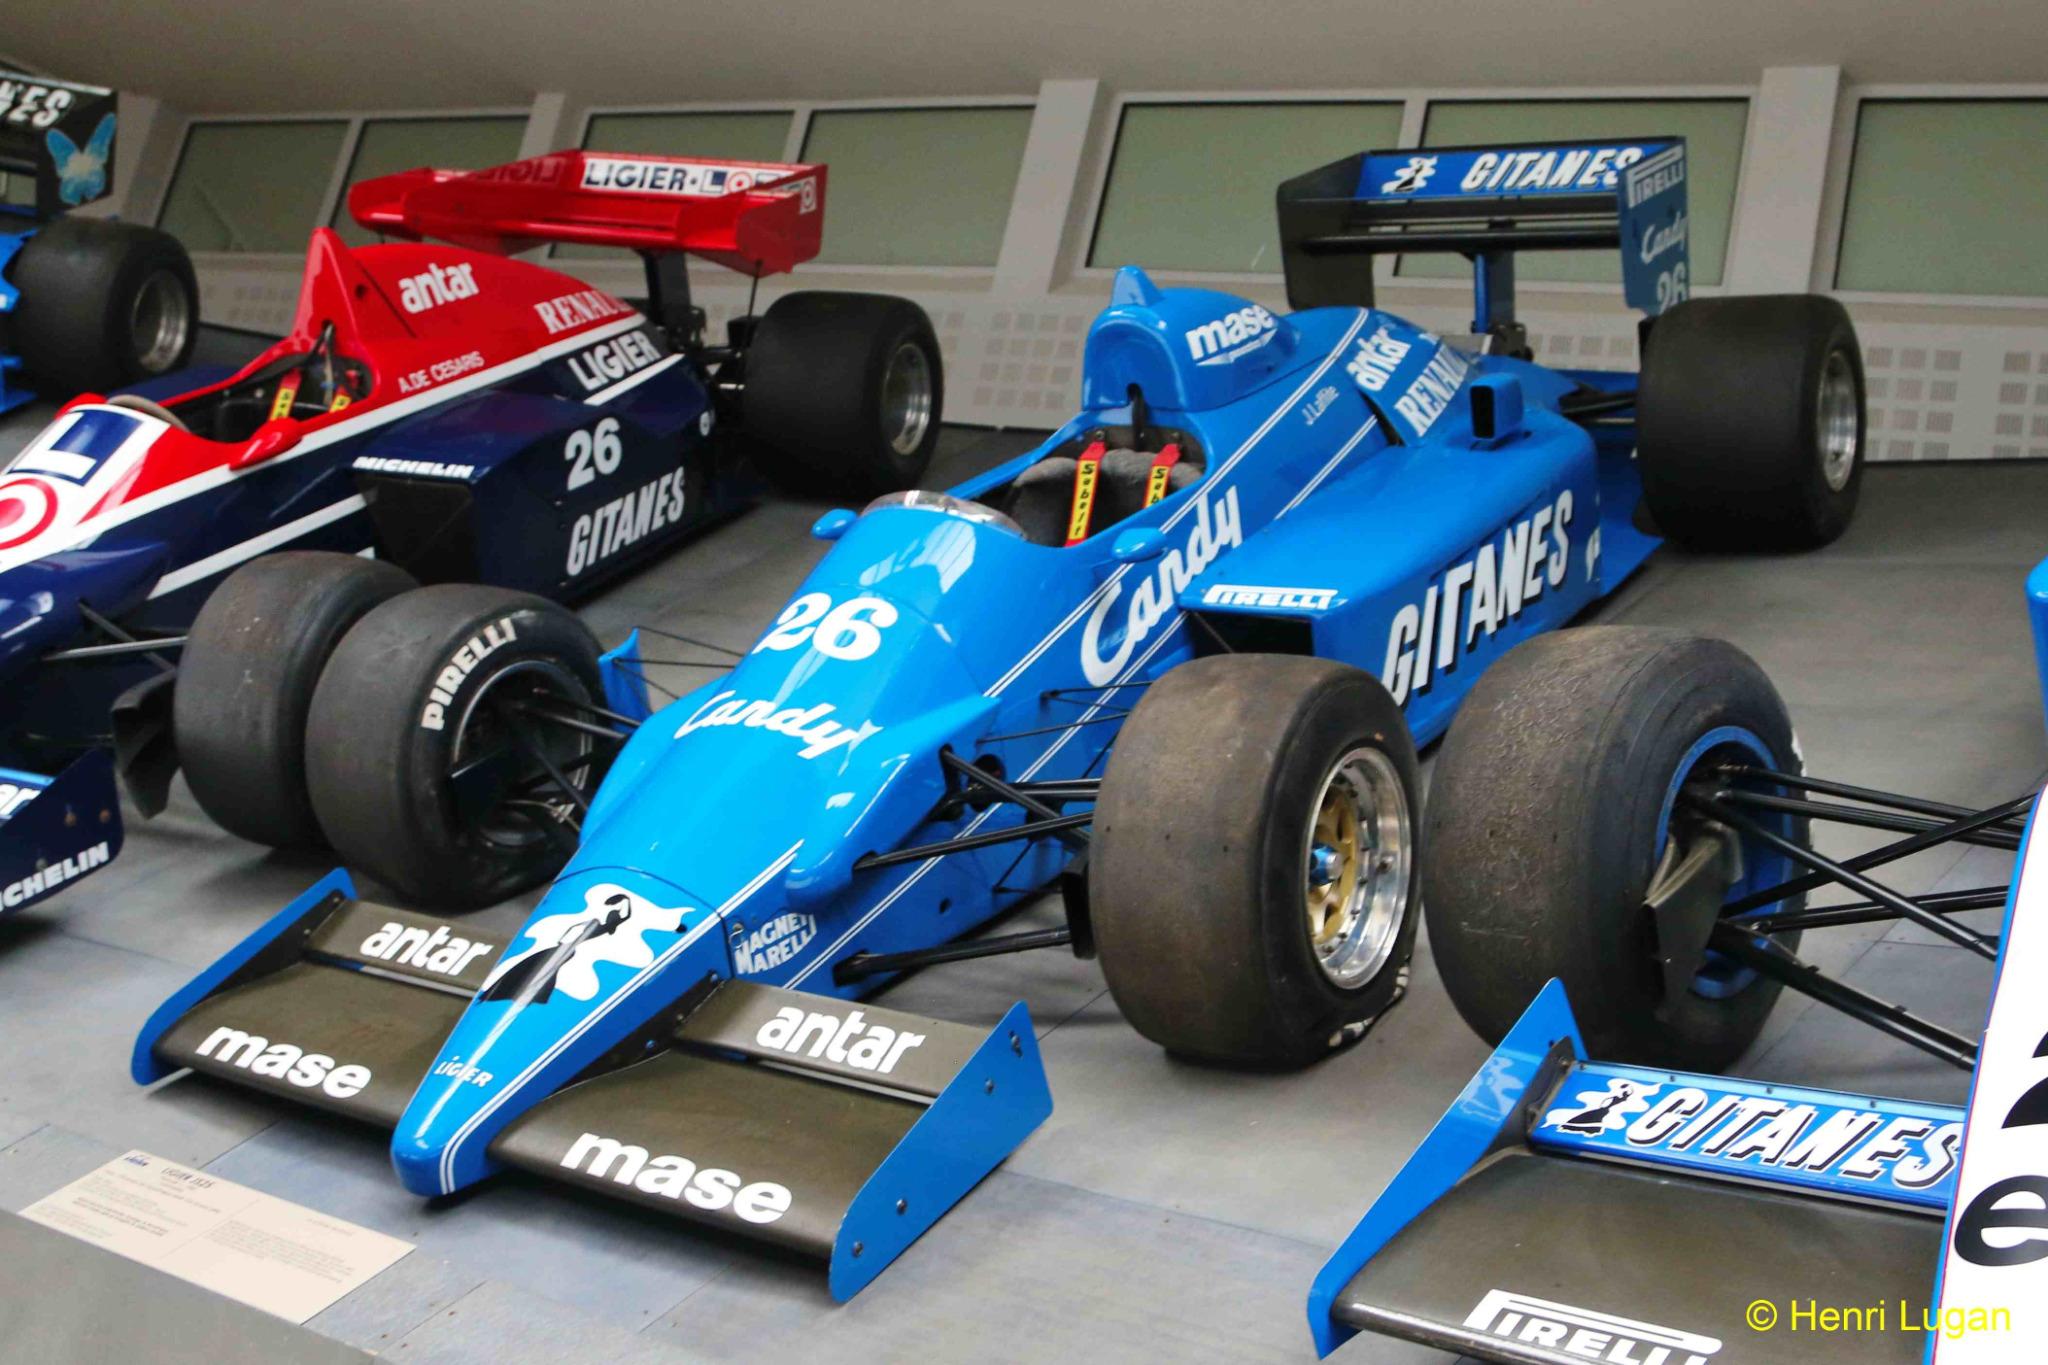 Ligier JS 25 Renault V6T F1_04 - 1985 [F] HL_GF